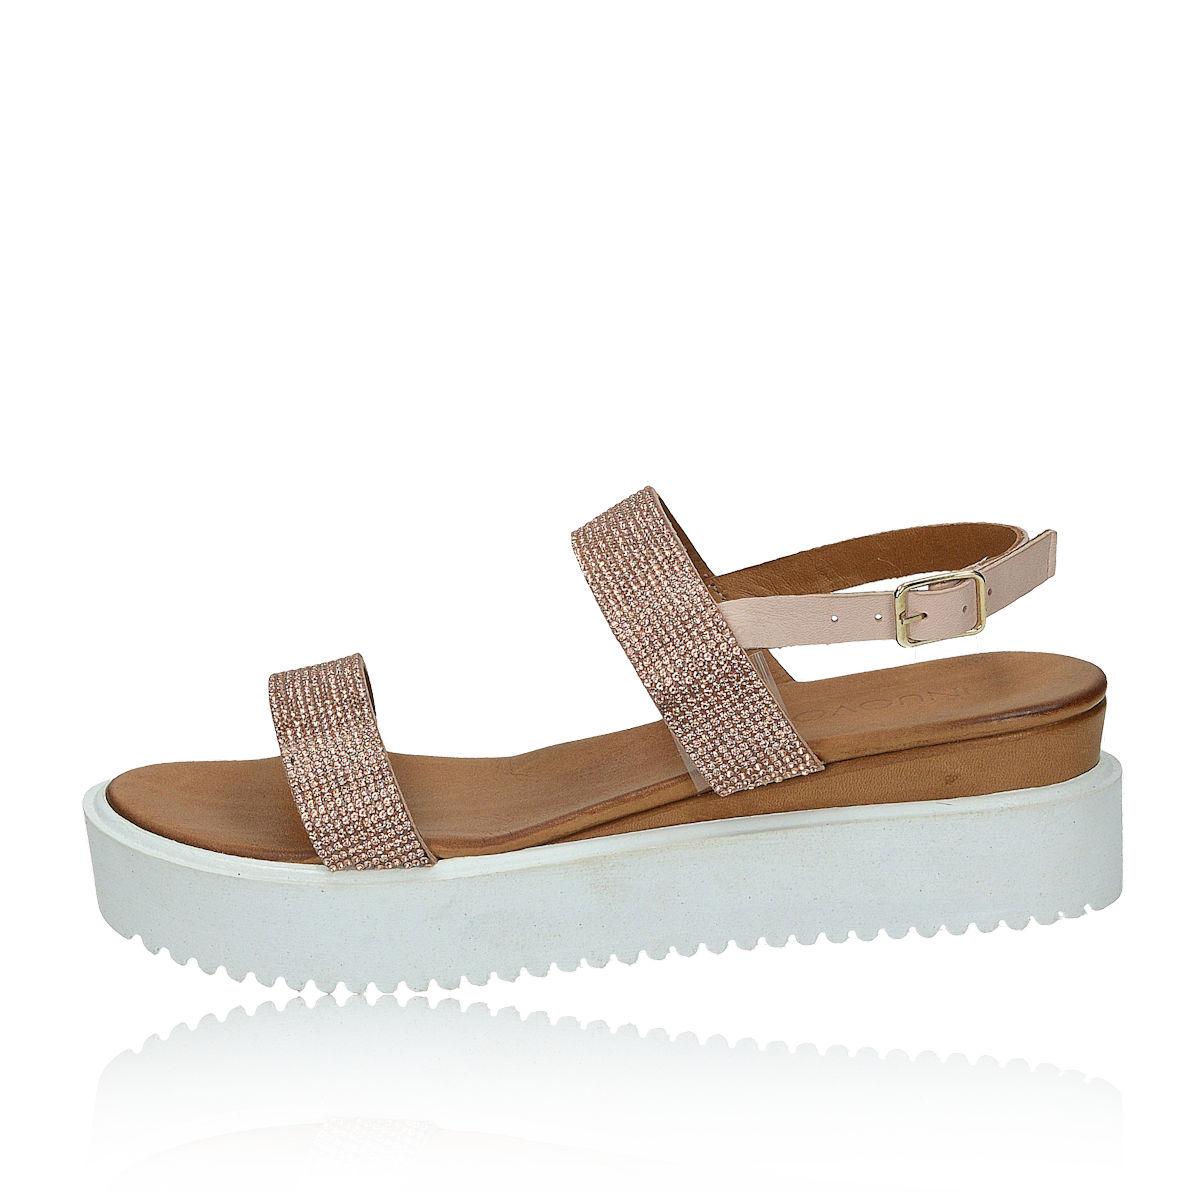 8a60019667 Inuovo dámske sandále s ozdobnými kamienkami - ružové ...